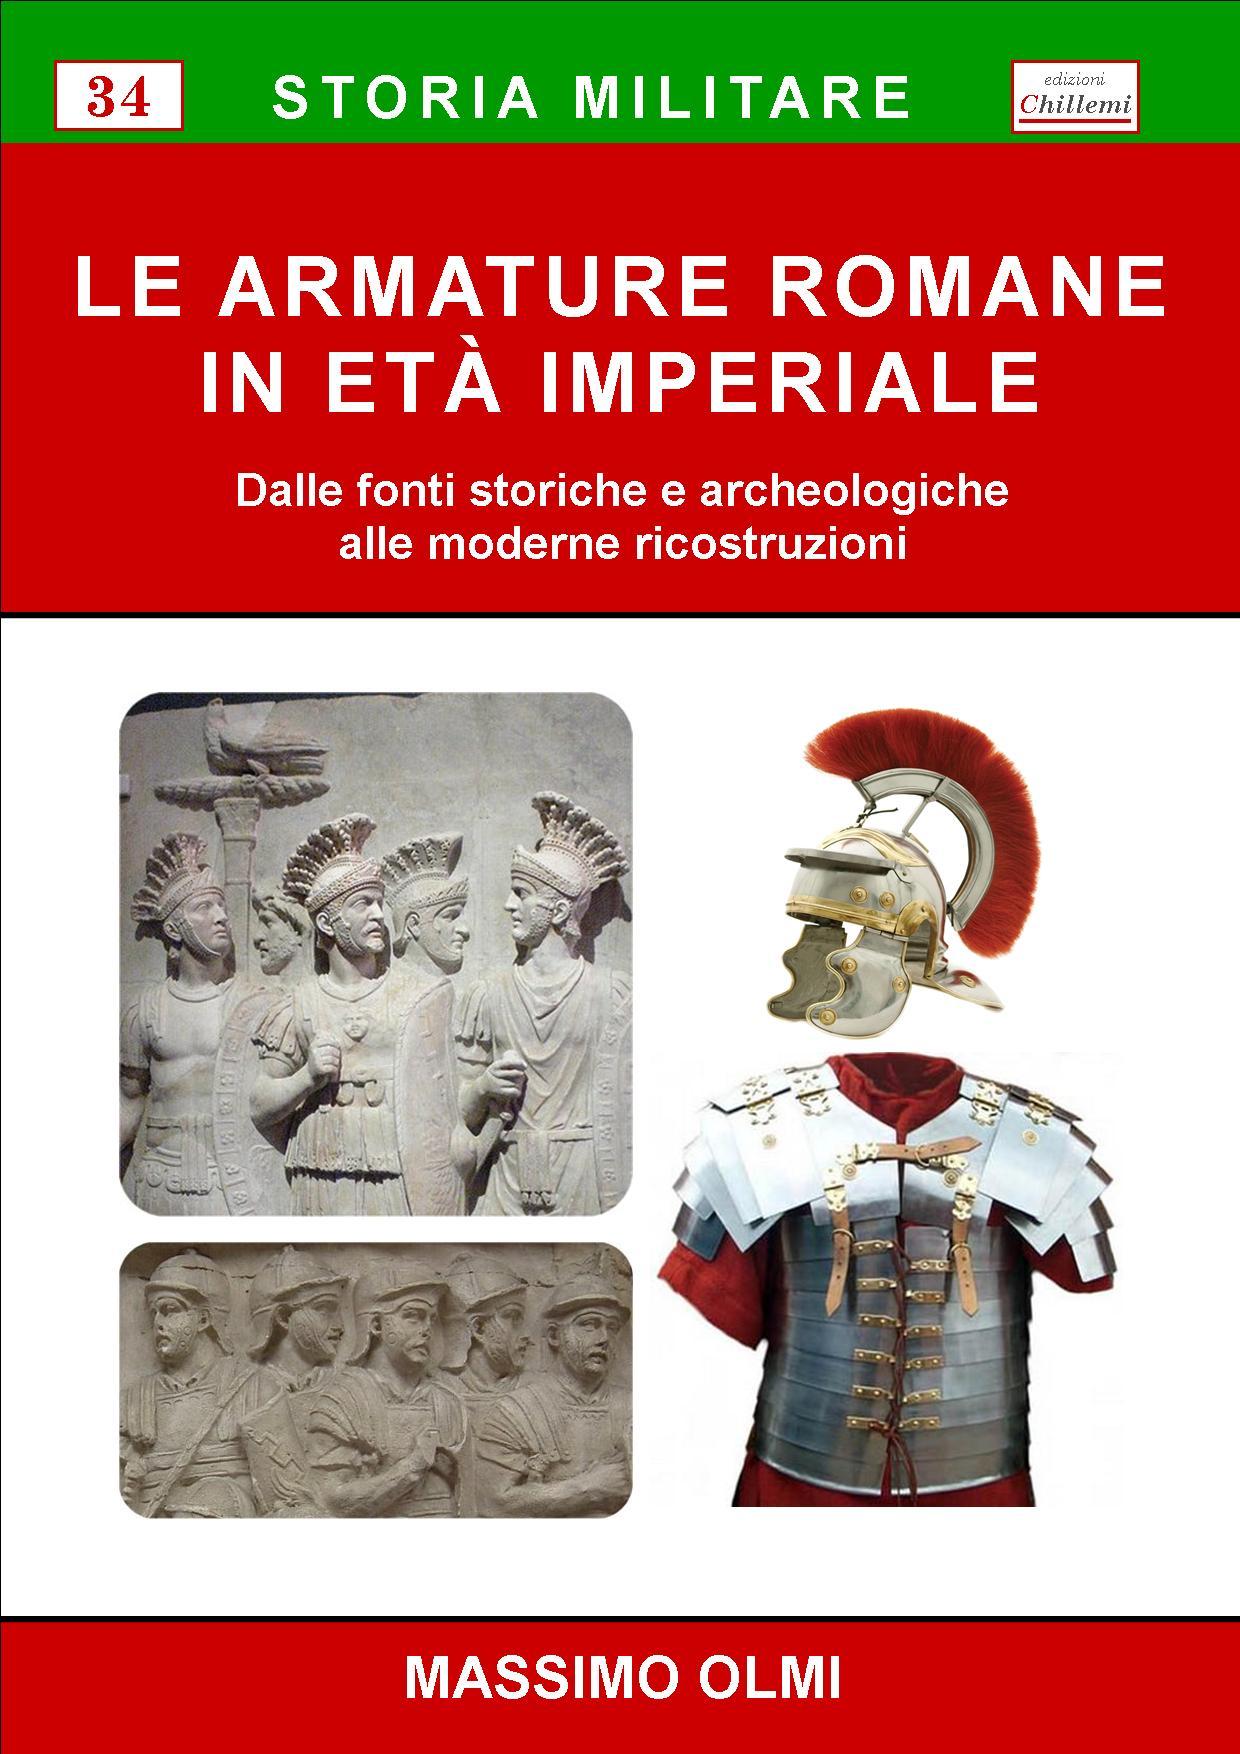 Le armature romane in et imperiale edizioni chillemi - Le 12 tavole romane ...